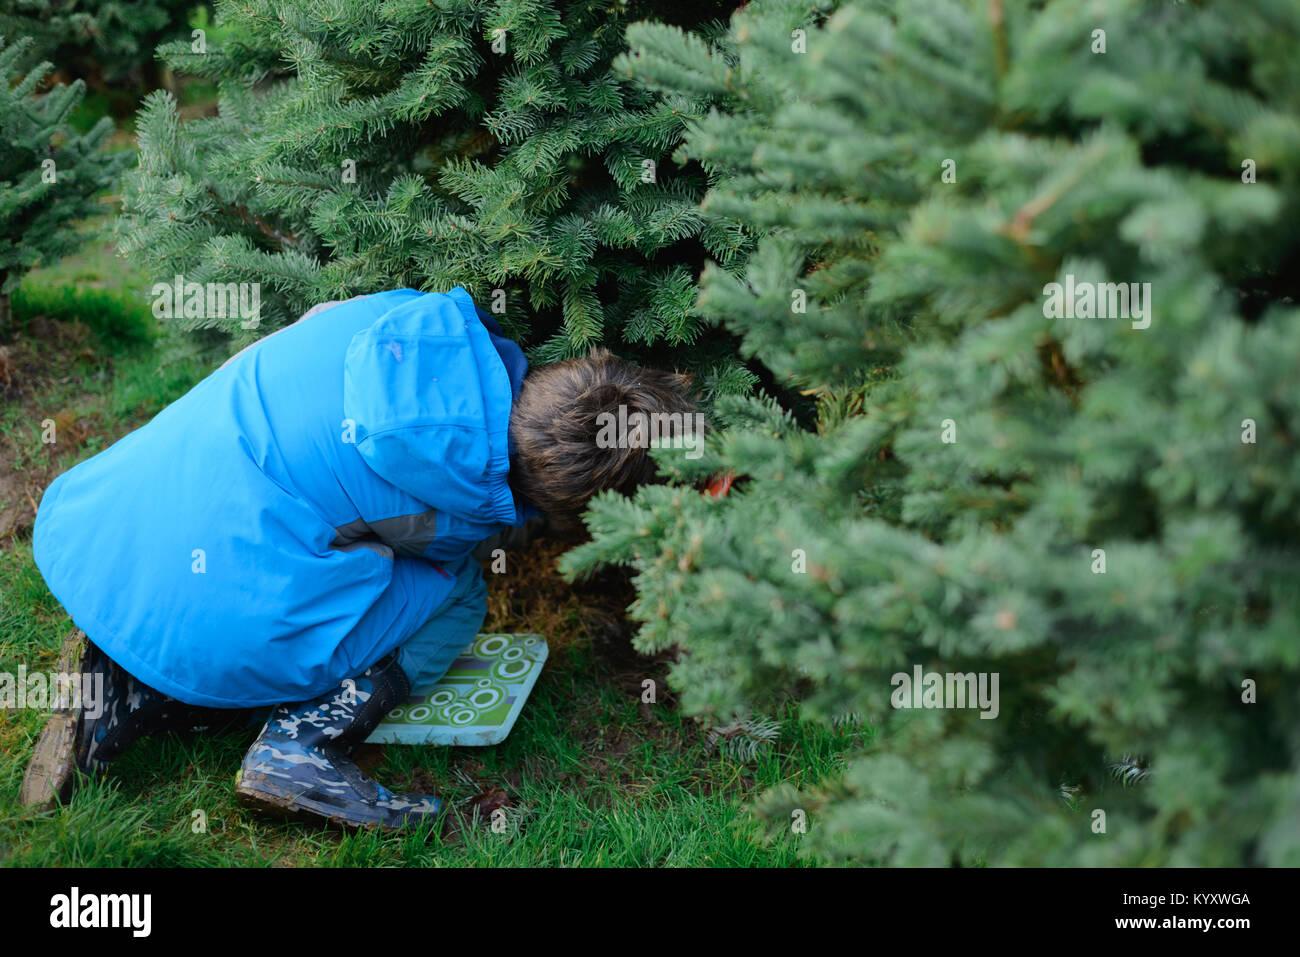 Toute la longueur du garçon par les arbres de Noël à la ferme Photo Stock